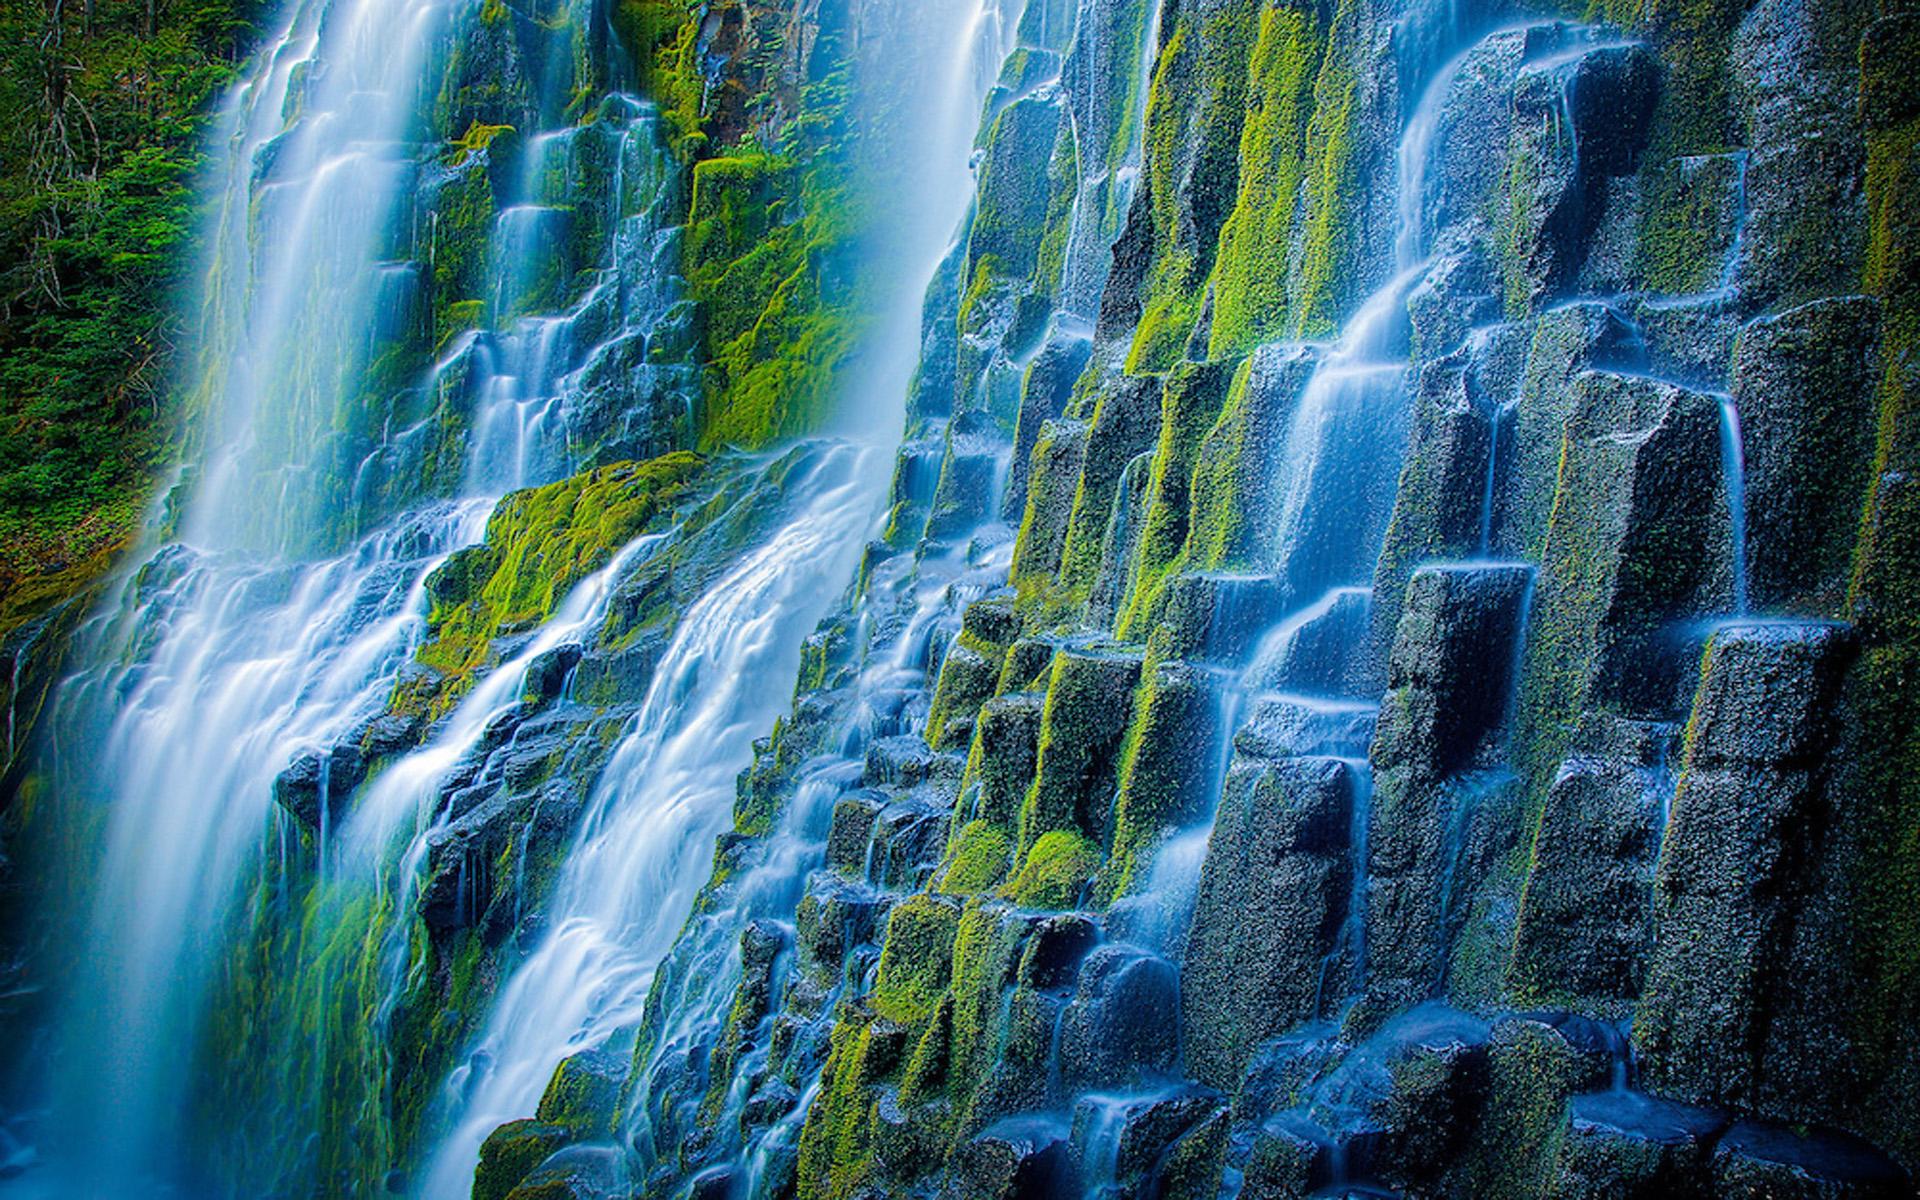 Iguazu Falls Wallpaper 1920x1200 Beautiful Proxy Falls State Park In The Three Sisters